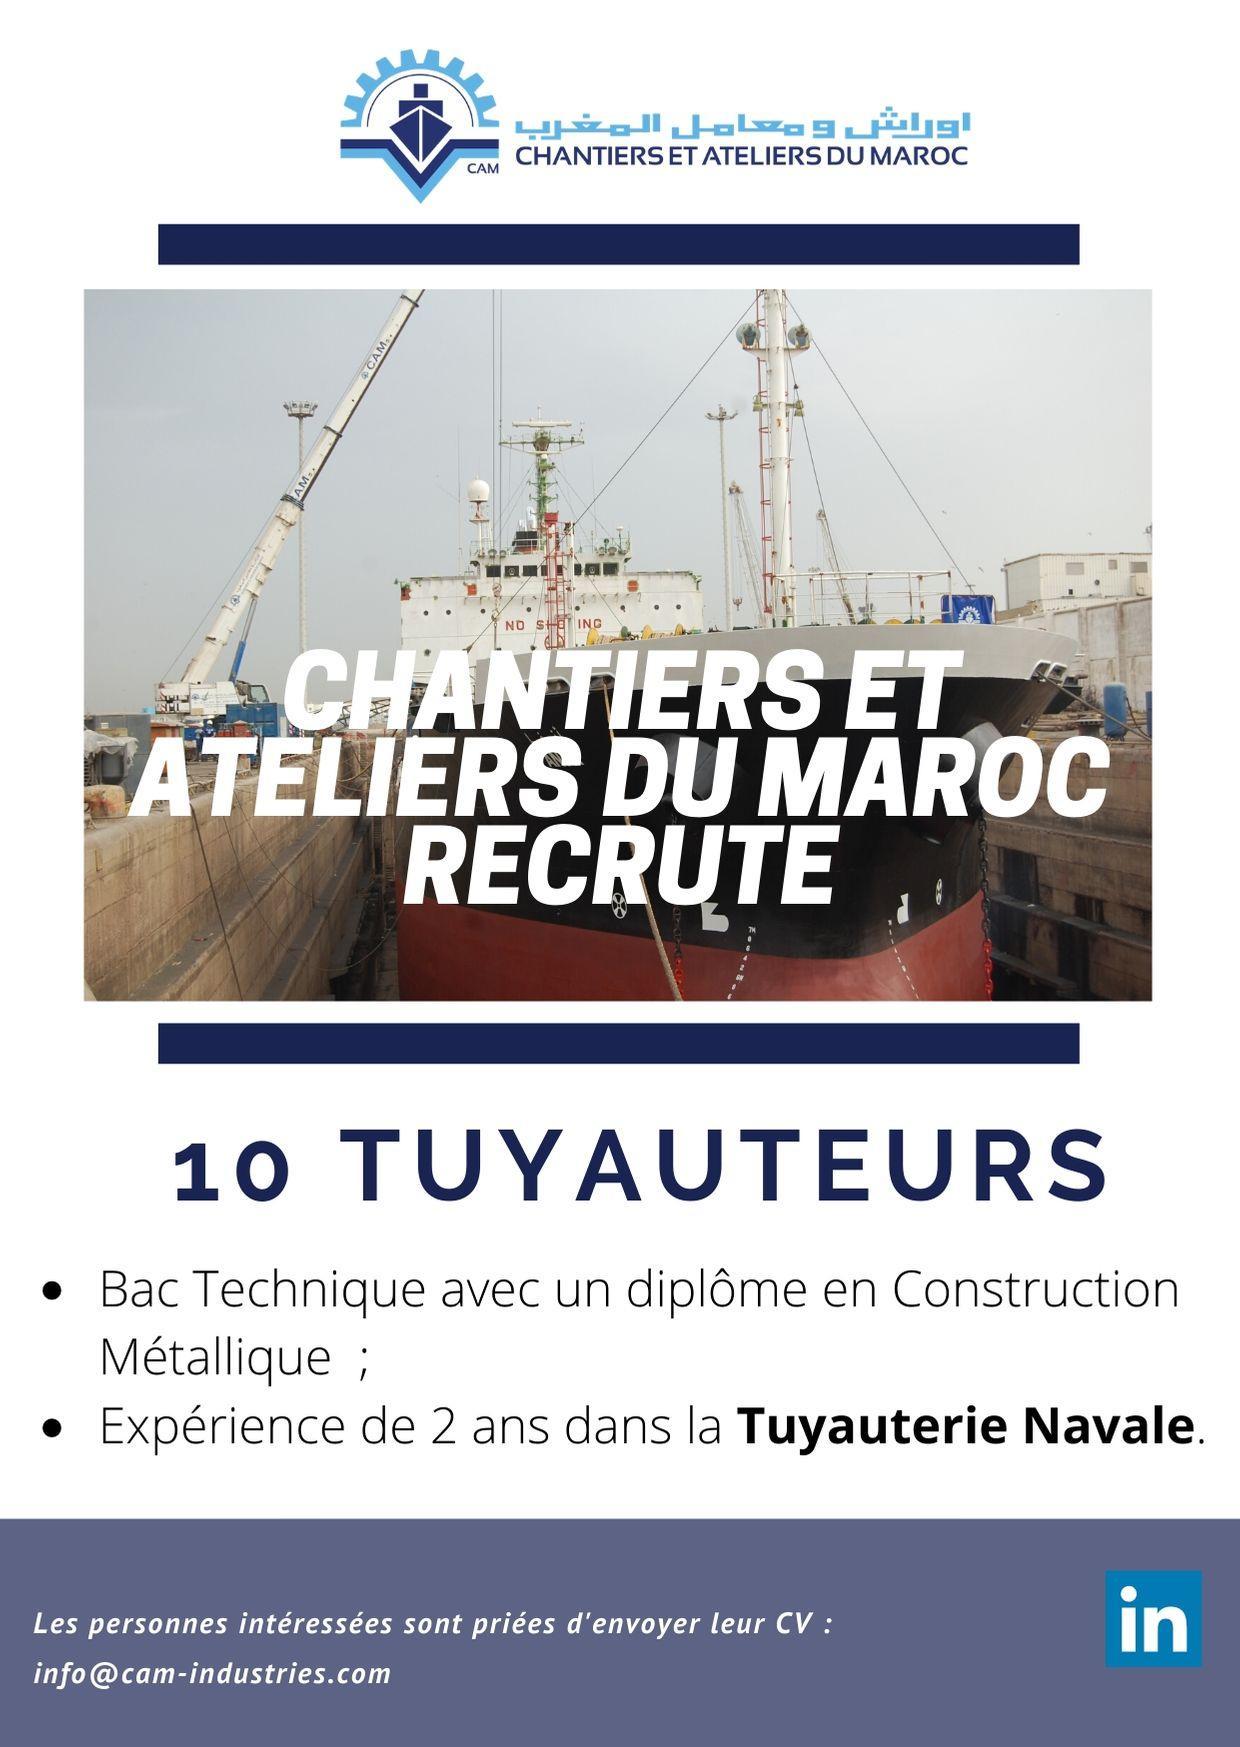 شركة اوراش ومعامل المغرب CAM لصيانة وإصلاح السفن توظيف في عدة مناصب 1211